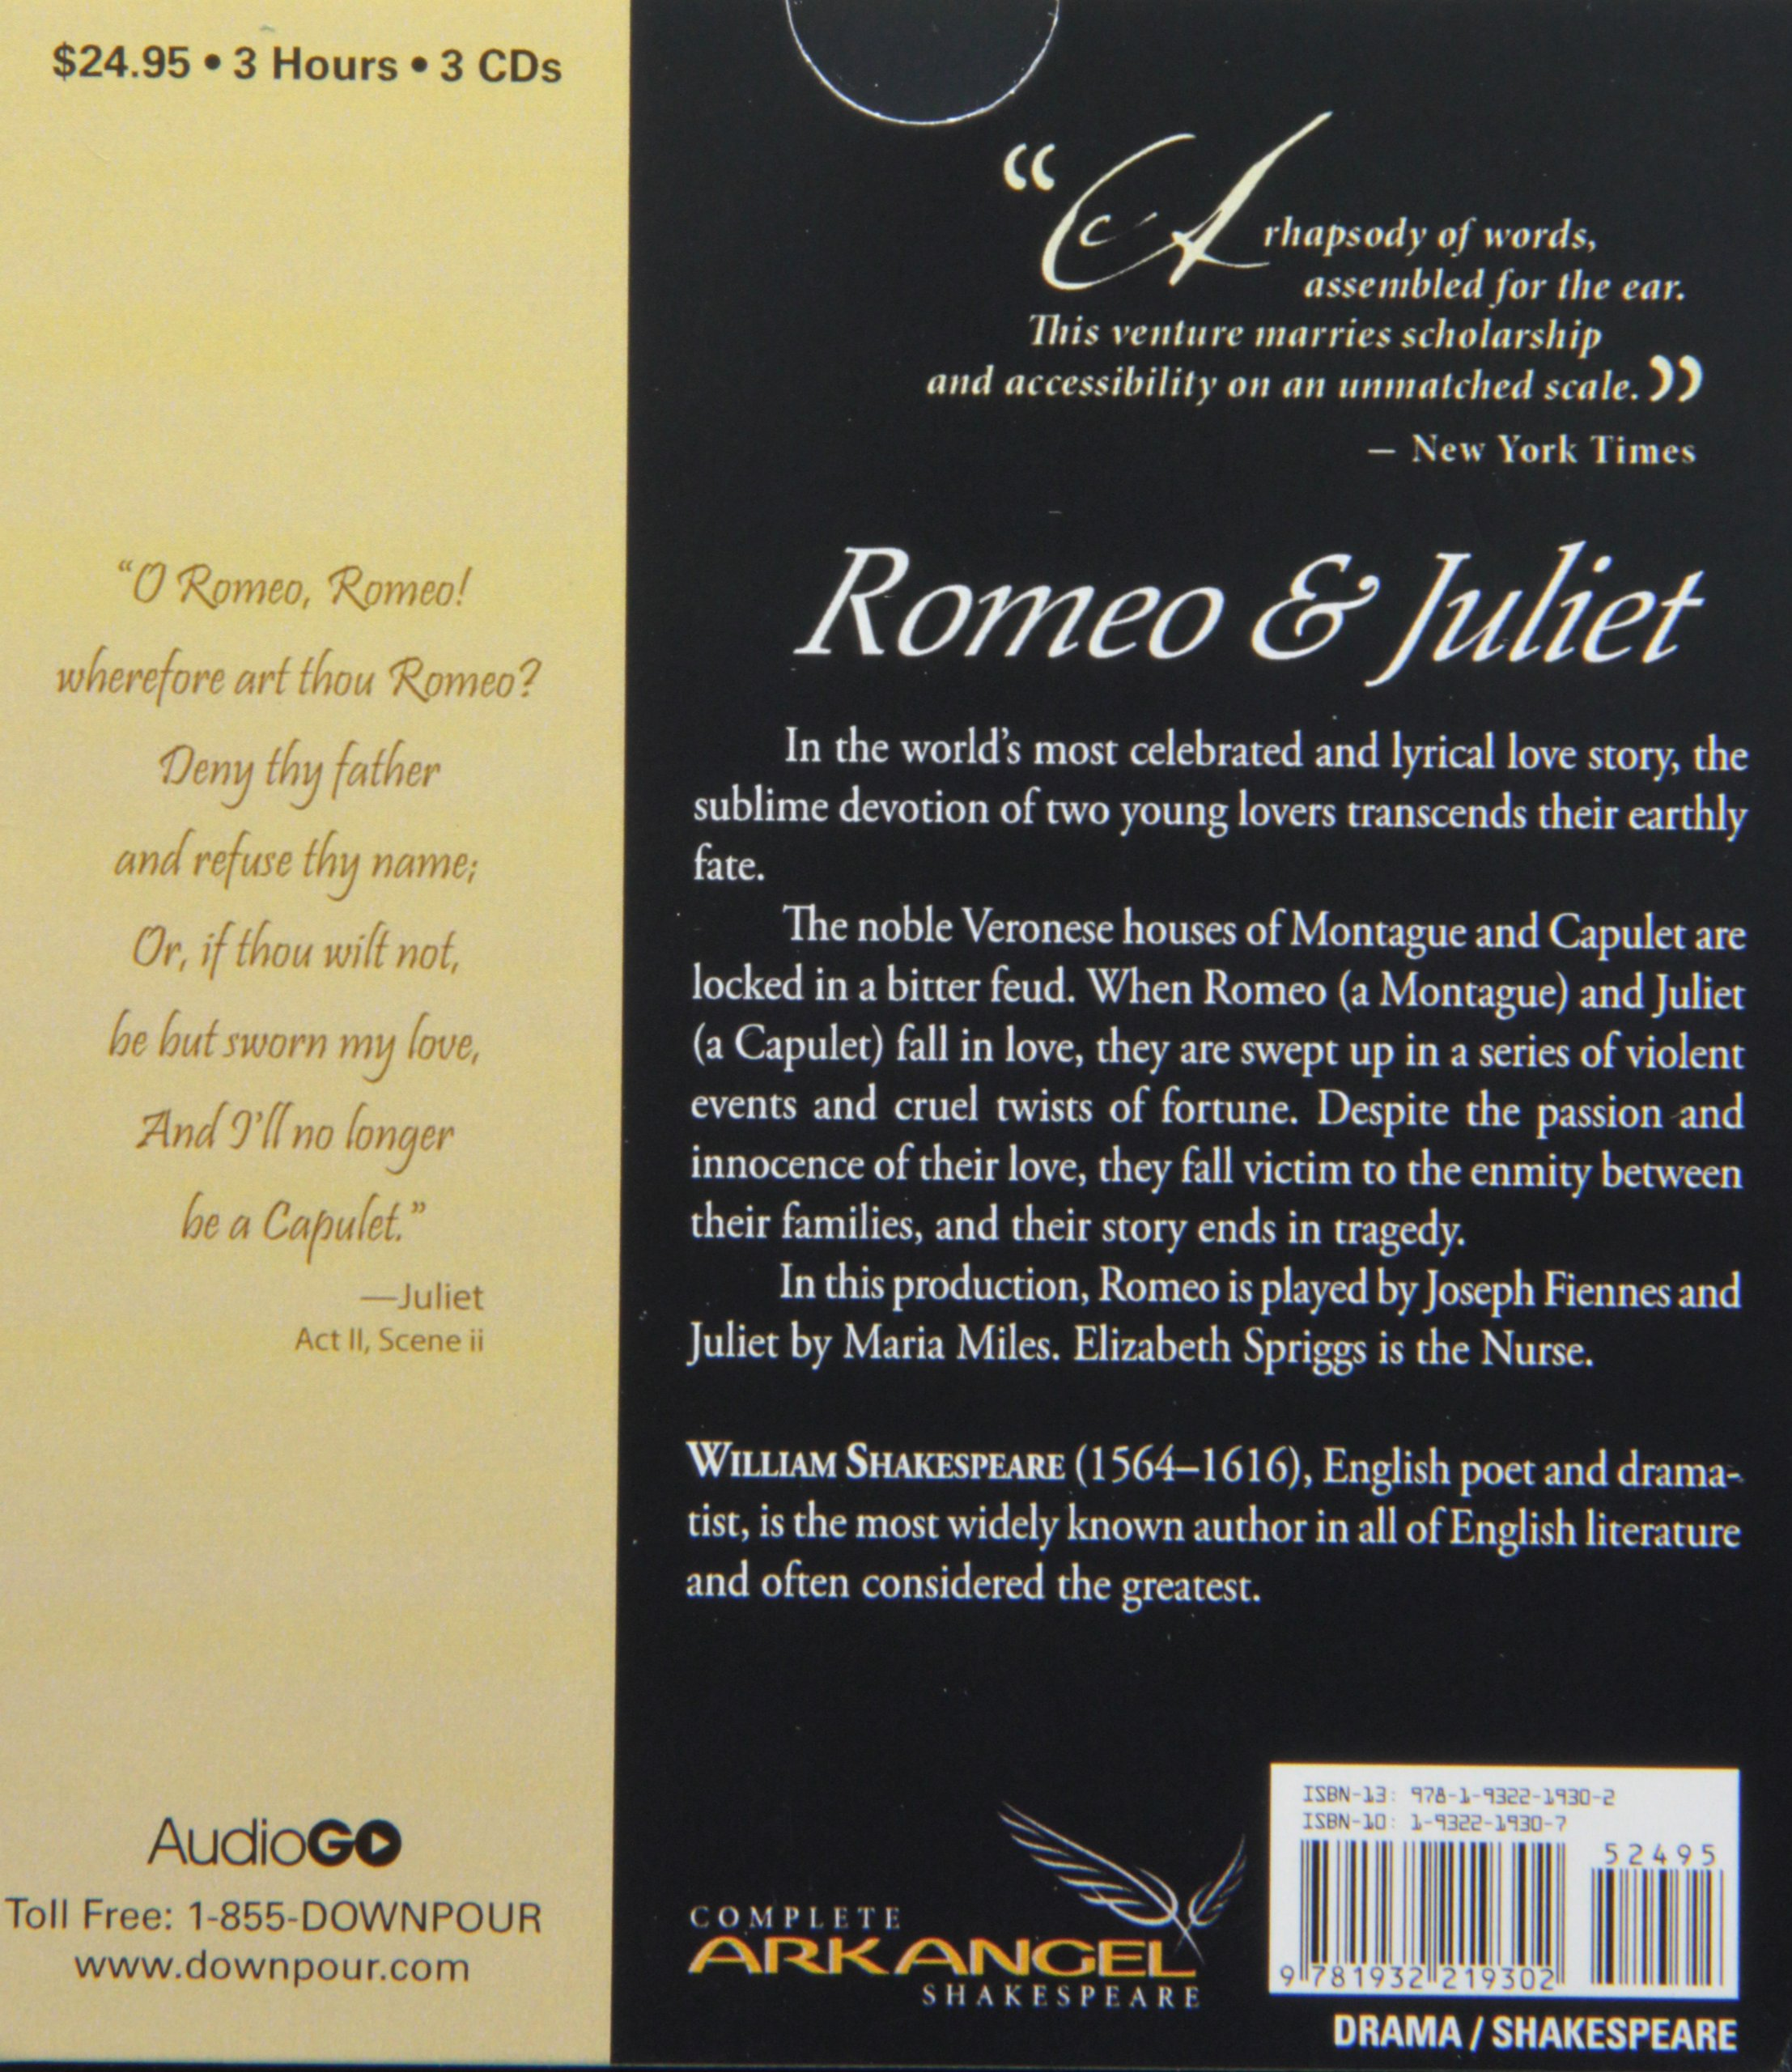 Romeo and Juliet (Arkangel Shakespeare Collection): Amazon.co.uk: William  Shakespeare: Books